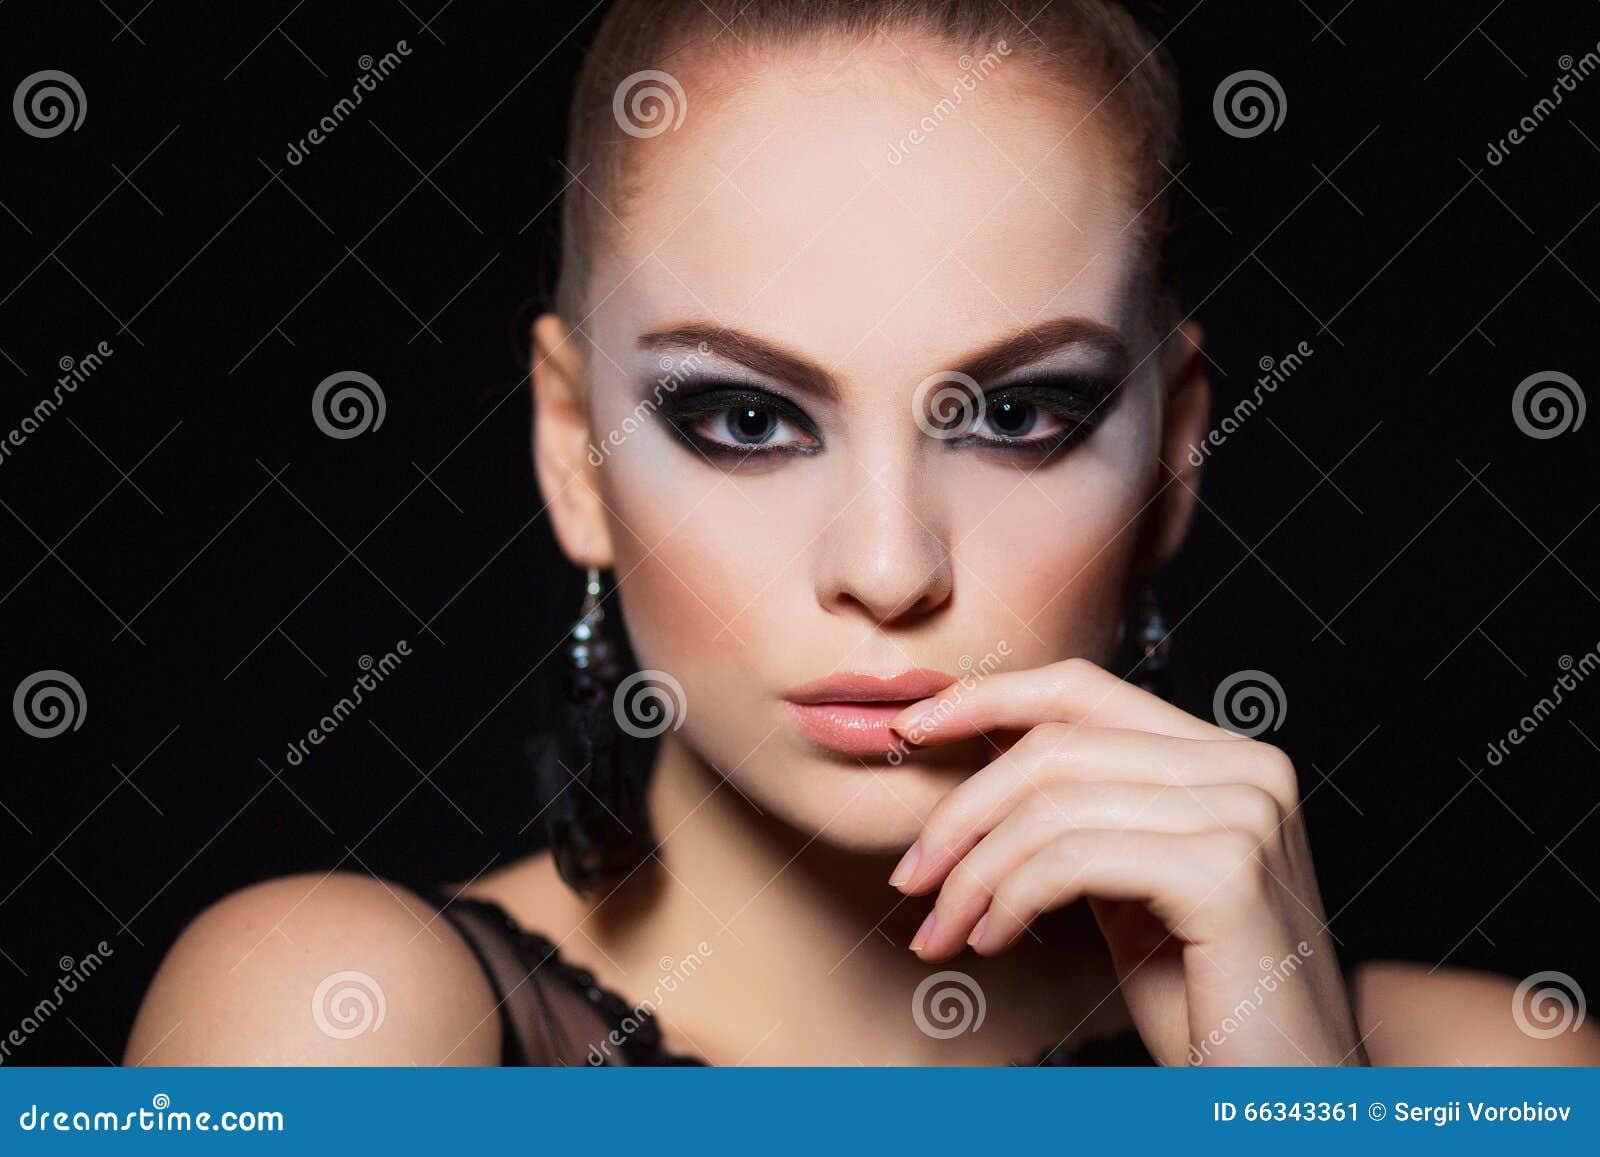 Горячая модель с сексуальным составом губ, сильные брови молодой женщины, чистая сияющая кожа Красивый портрет моды очарования